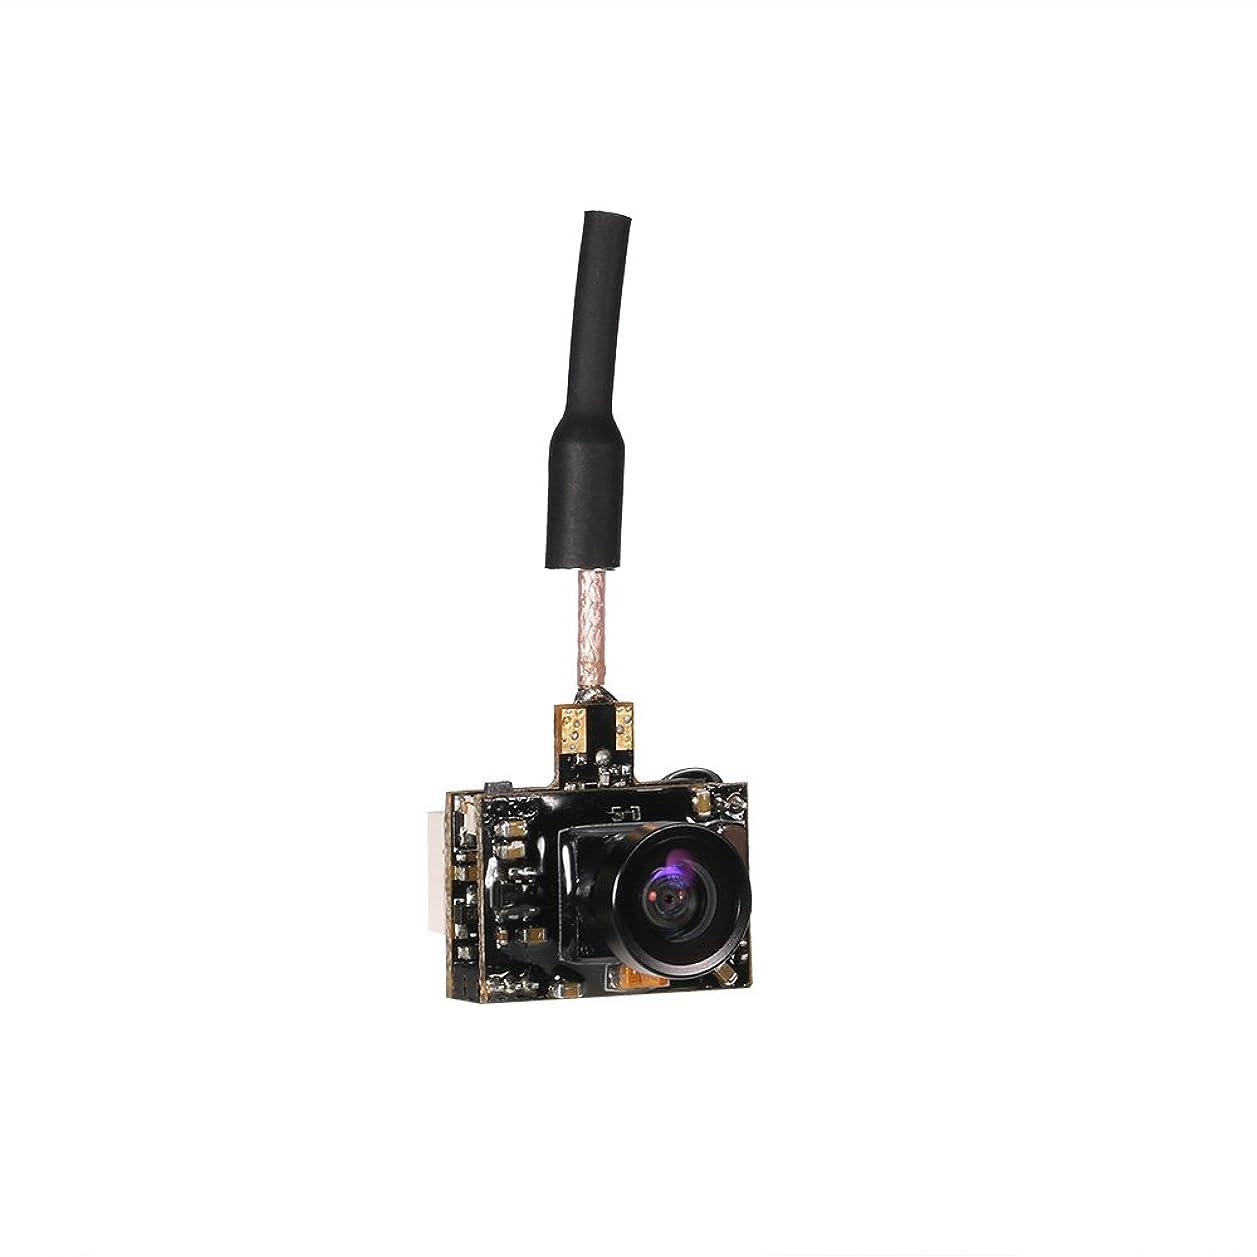 クラウン石灰岩液体【2019年最新版】Jumper T16 オープンソース 2.4GHz-16CH マルチプロトコル プロポ送信機 4.3インチLCD付き (モード2) 技適?電波法認証済